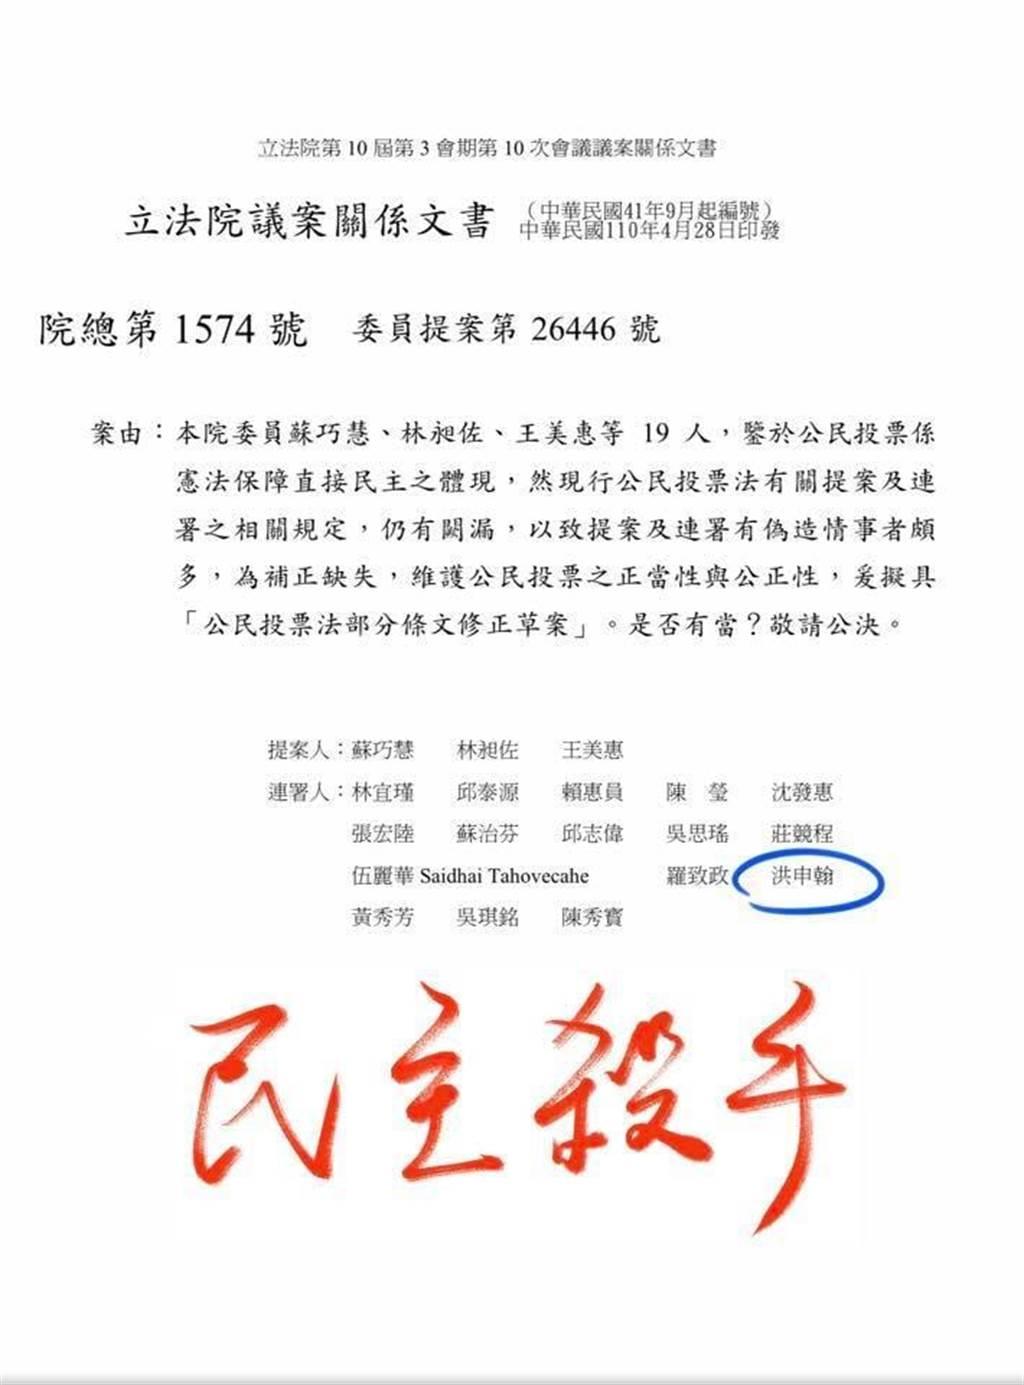 黃士修點名民進黨立委洪申翰,是侵犯人權抹殺民主的兇手。(圖/摘自核能流言終結者臉書)